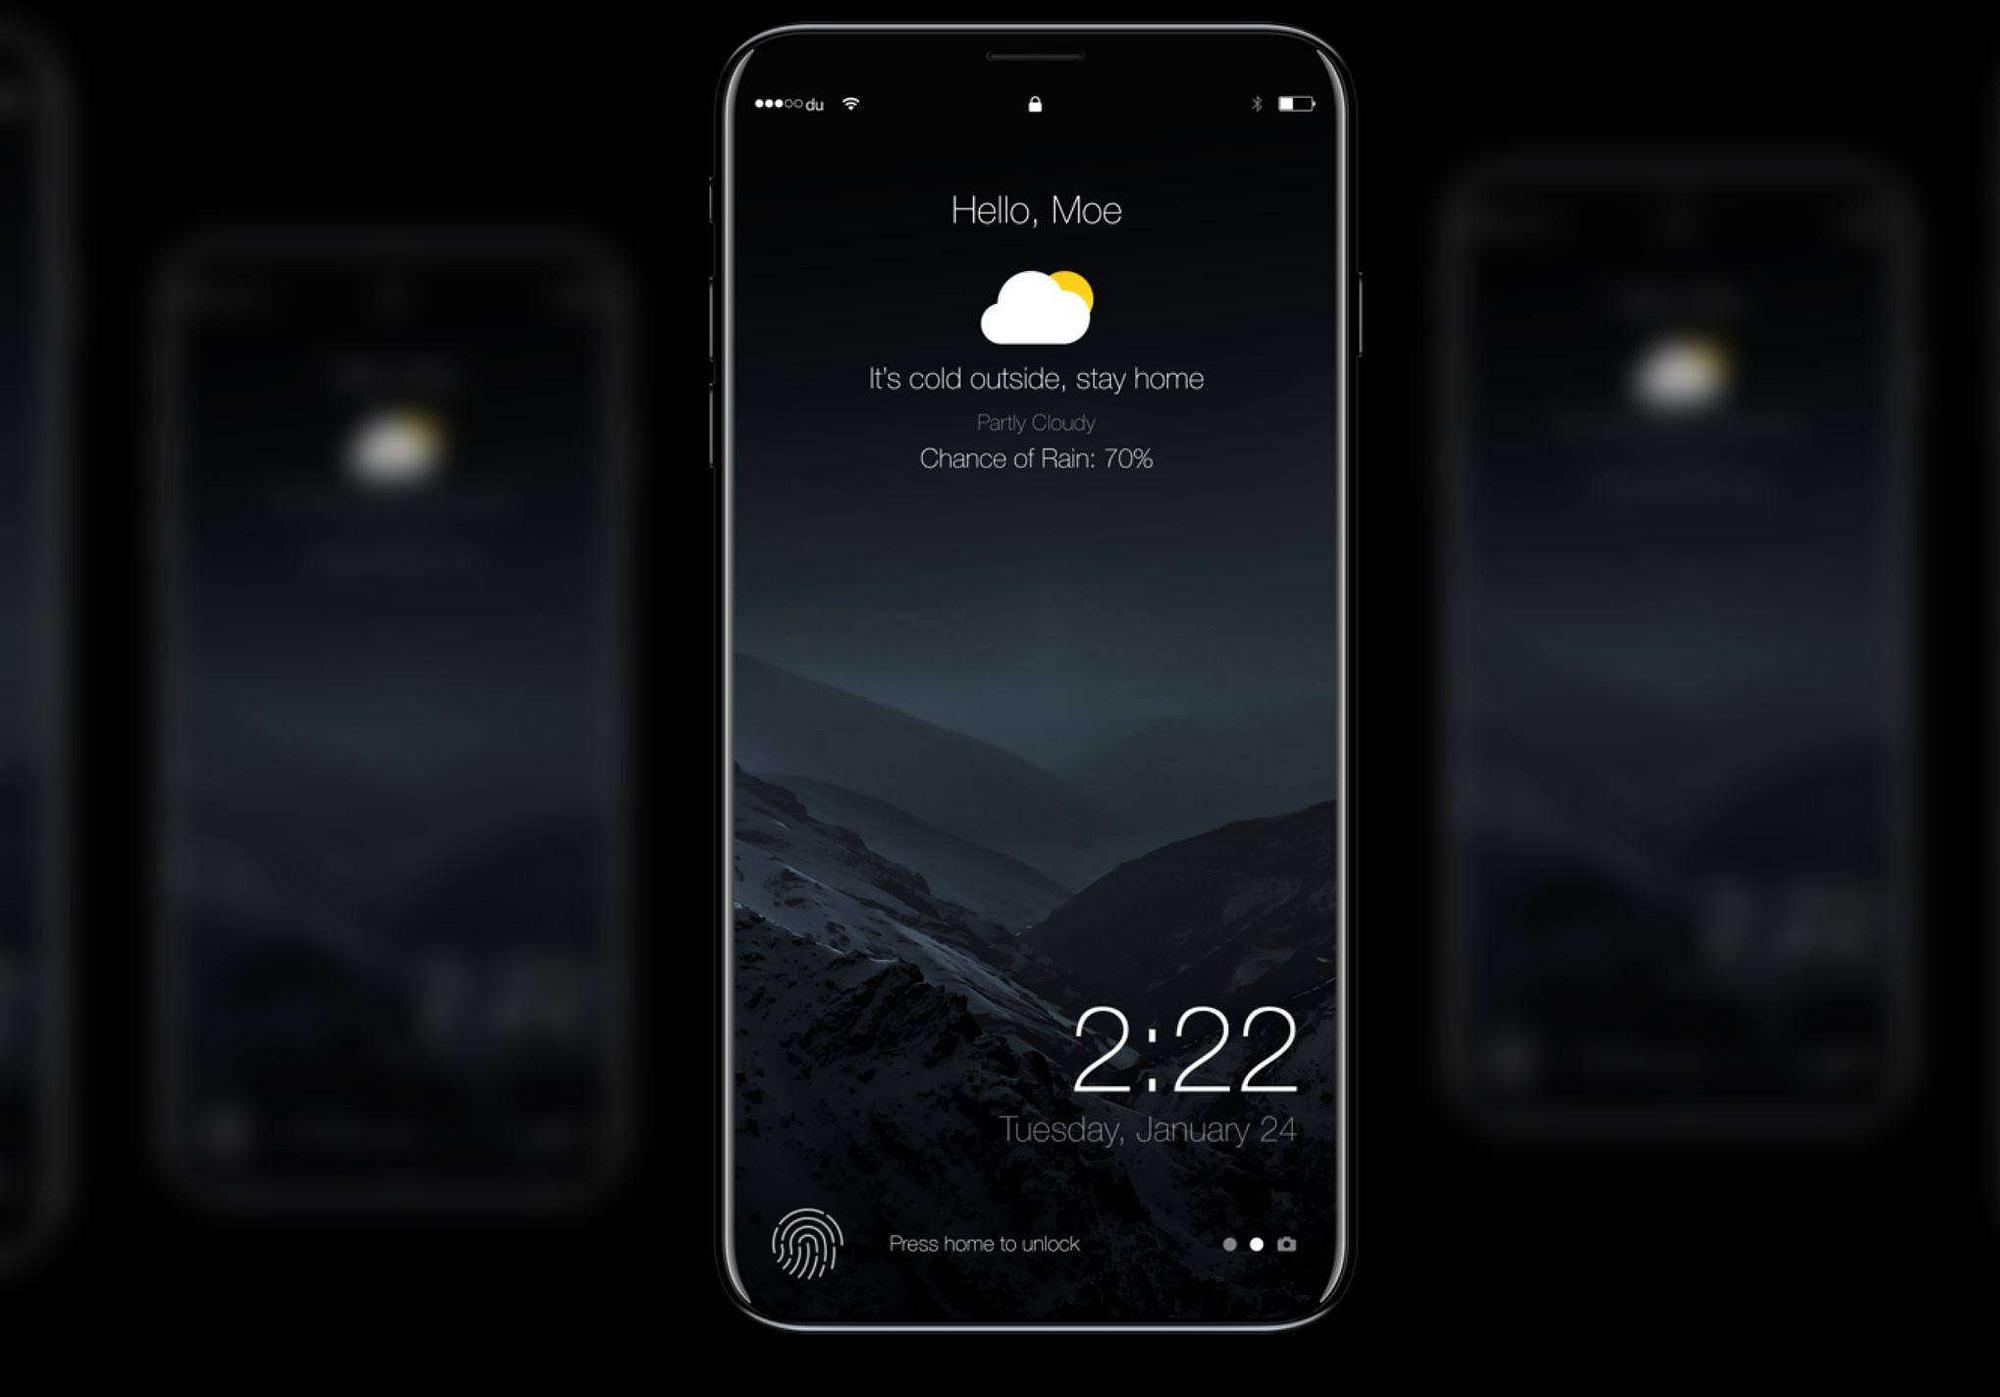 आईफोन 8 की तस्वीरें लीक, आ सकता है फ्रंट और रियर डुअल कैमरा